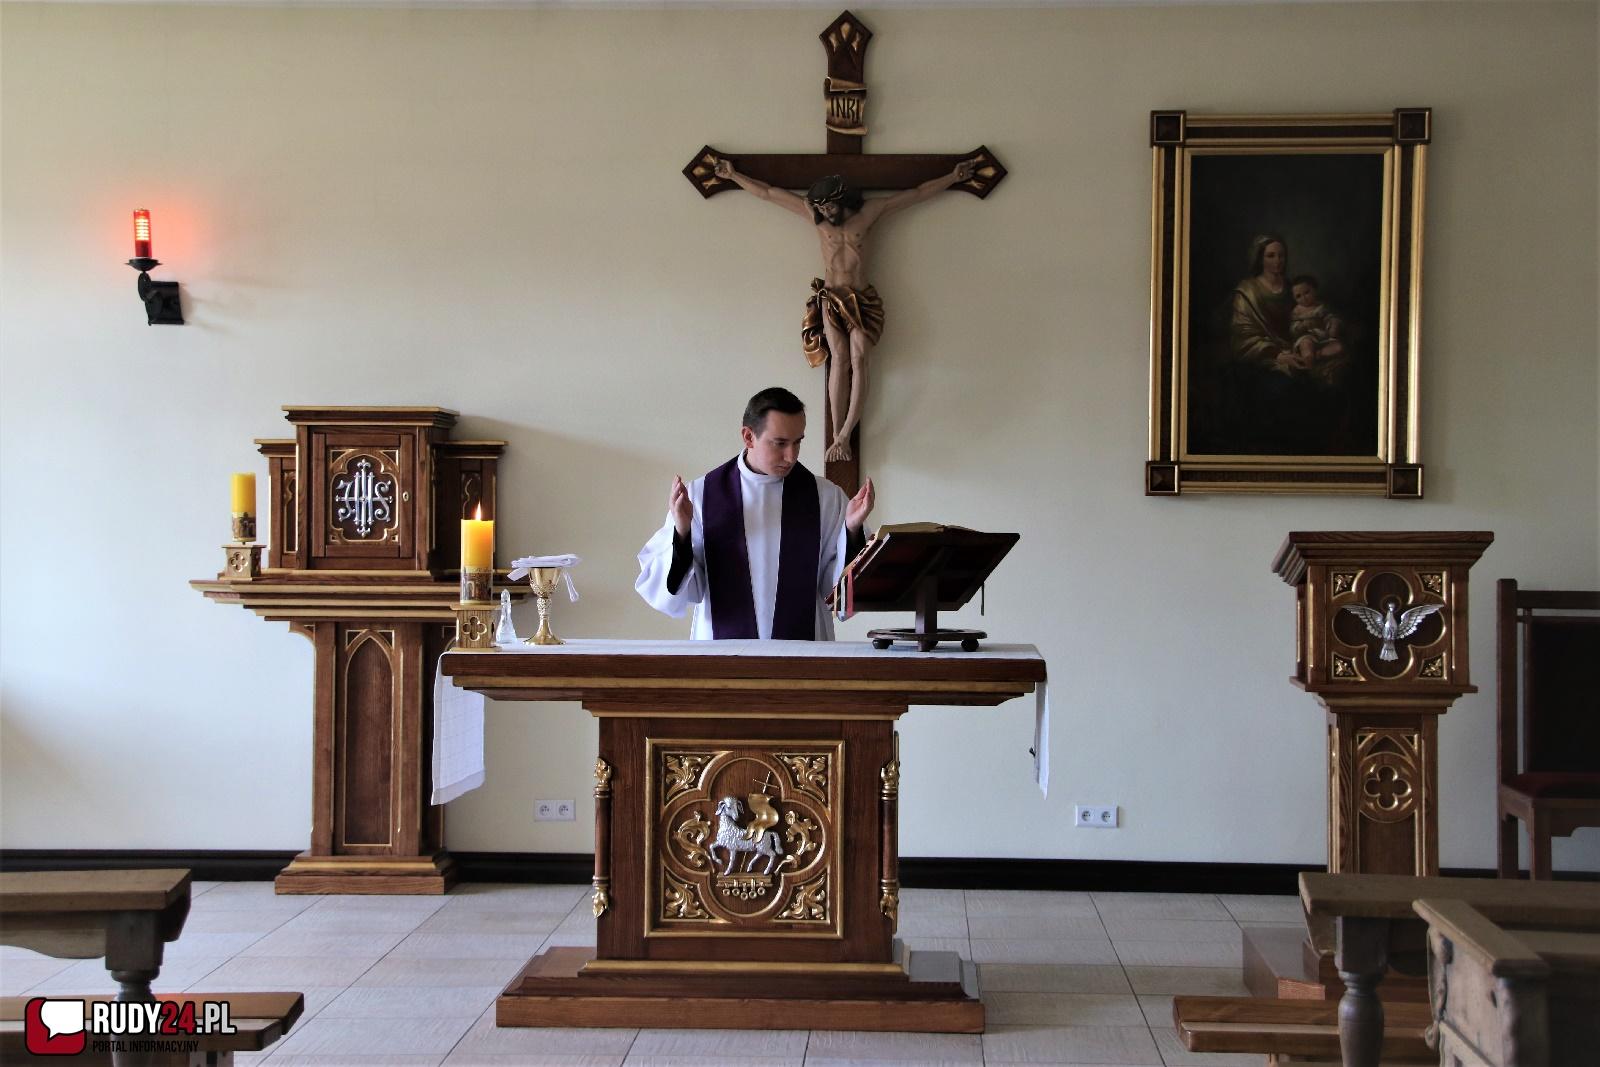 Zmiany personalne w diecezji gliwickiej